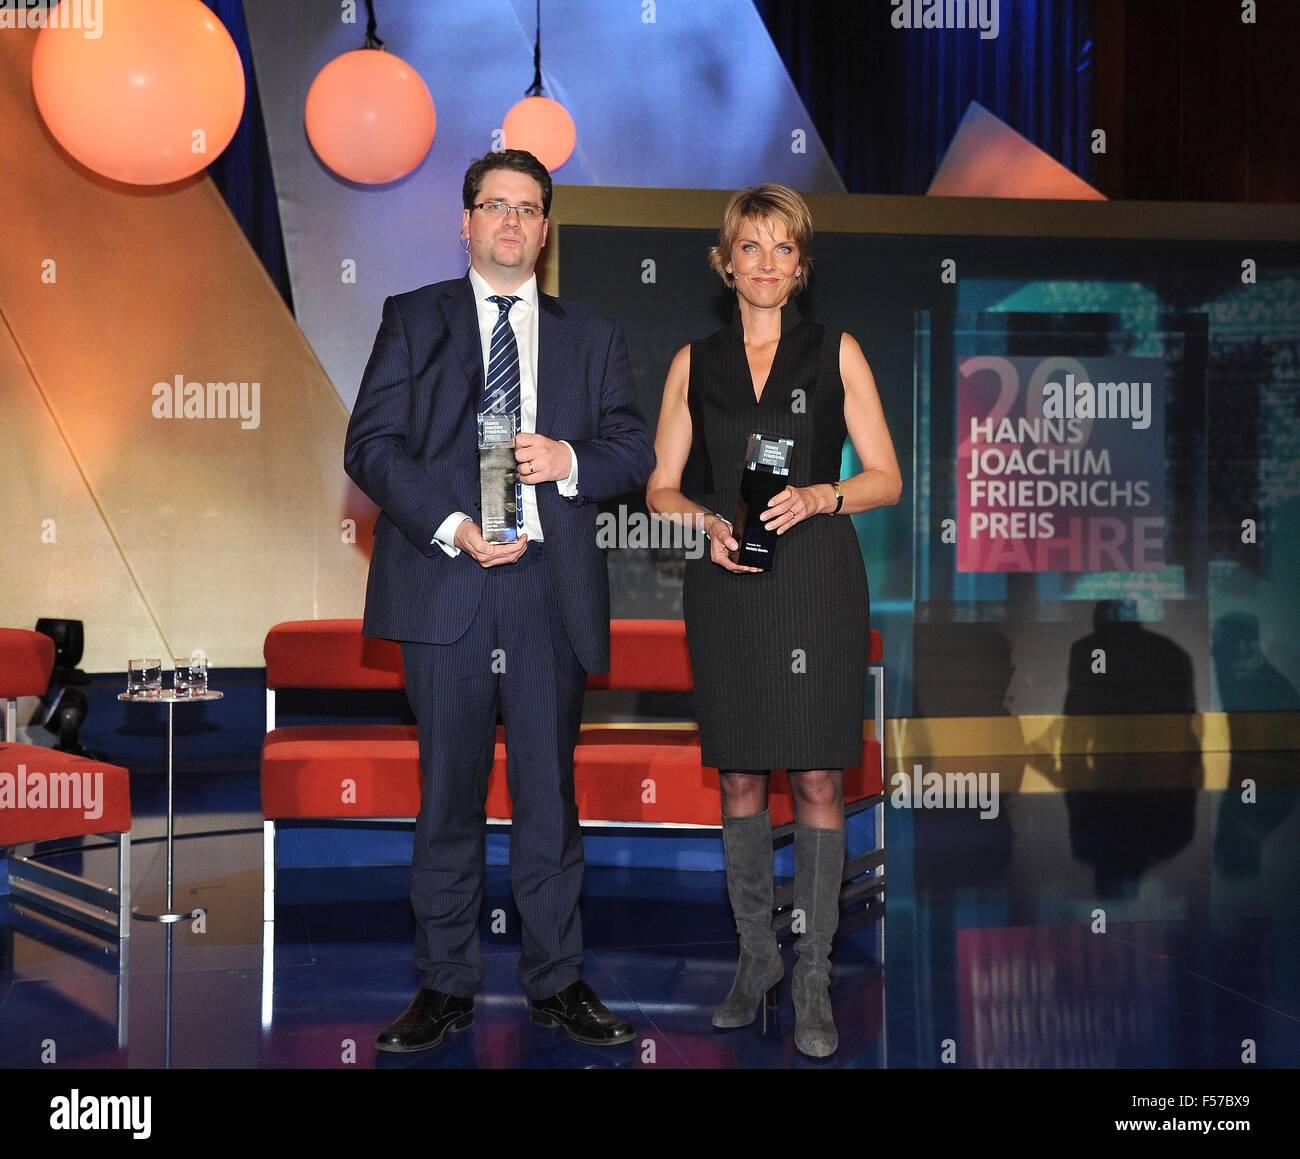 Winner Fashion Journalist Of The Year: Marietta Slomka Stock Photos & Marietta Slomka Stock